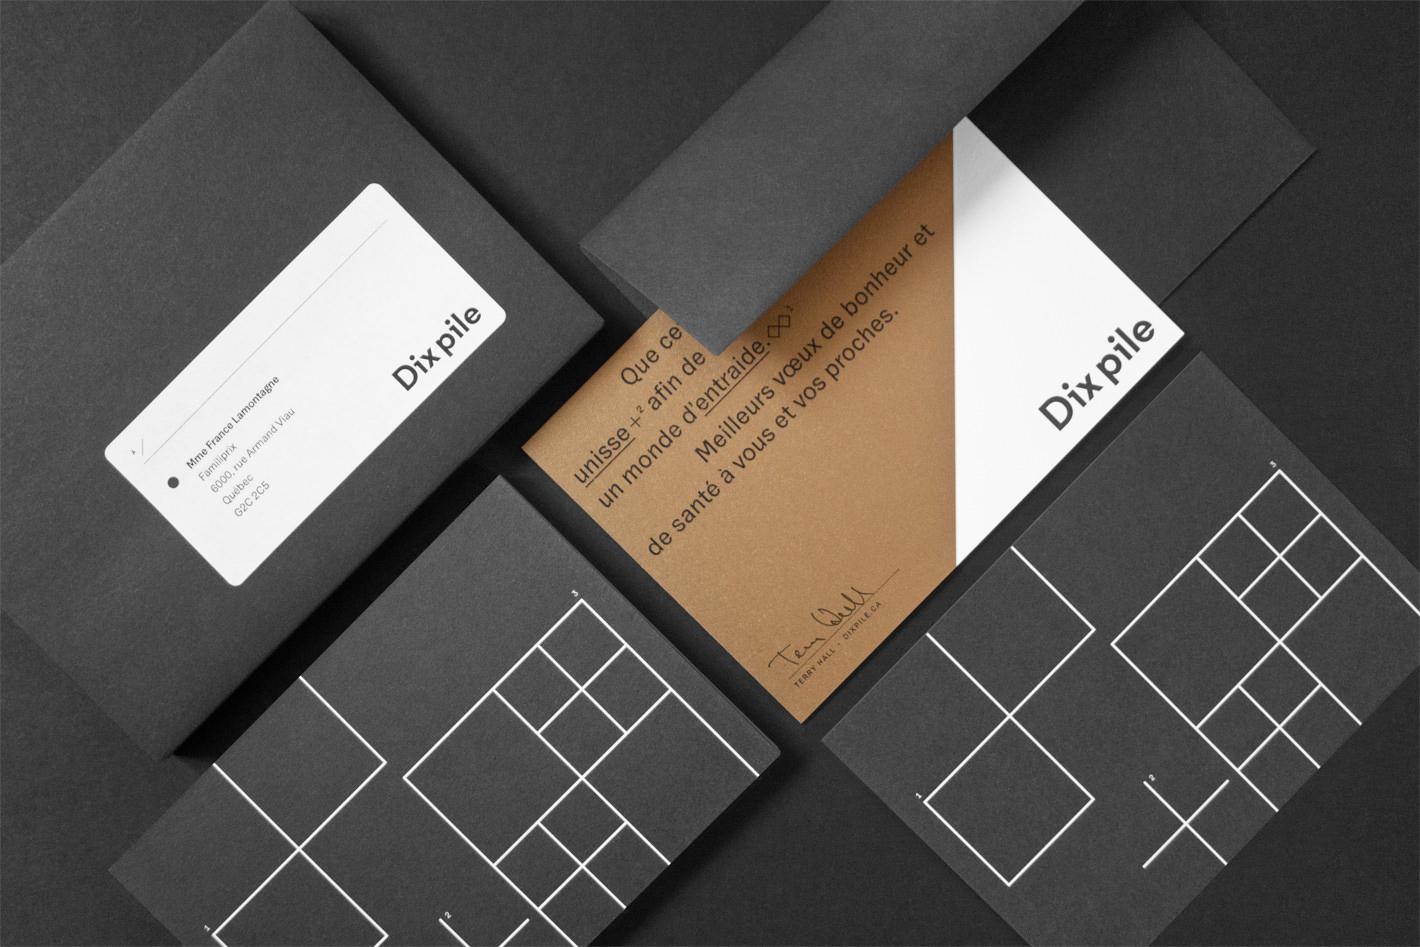 Figure-Jeremy-Hall-Design-Graphique-Logo-Branding-Image-De-Marque-Quebec-Dix-Pile-Comptabilite-Administration-Pharmacie-10.jpg